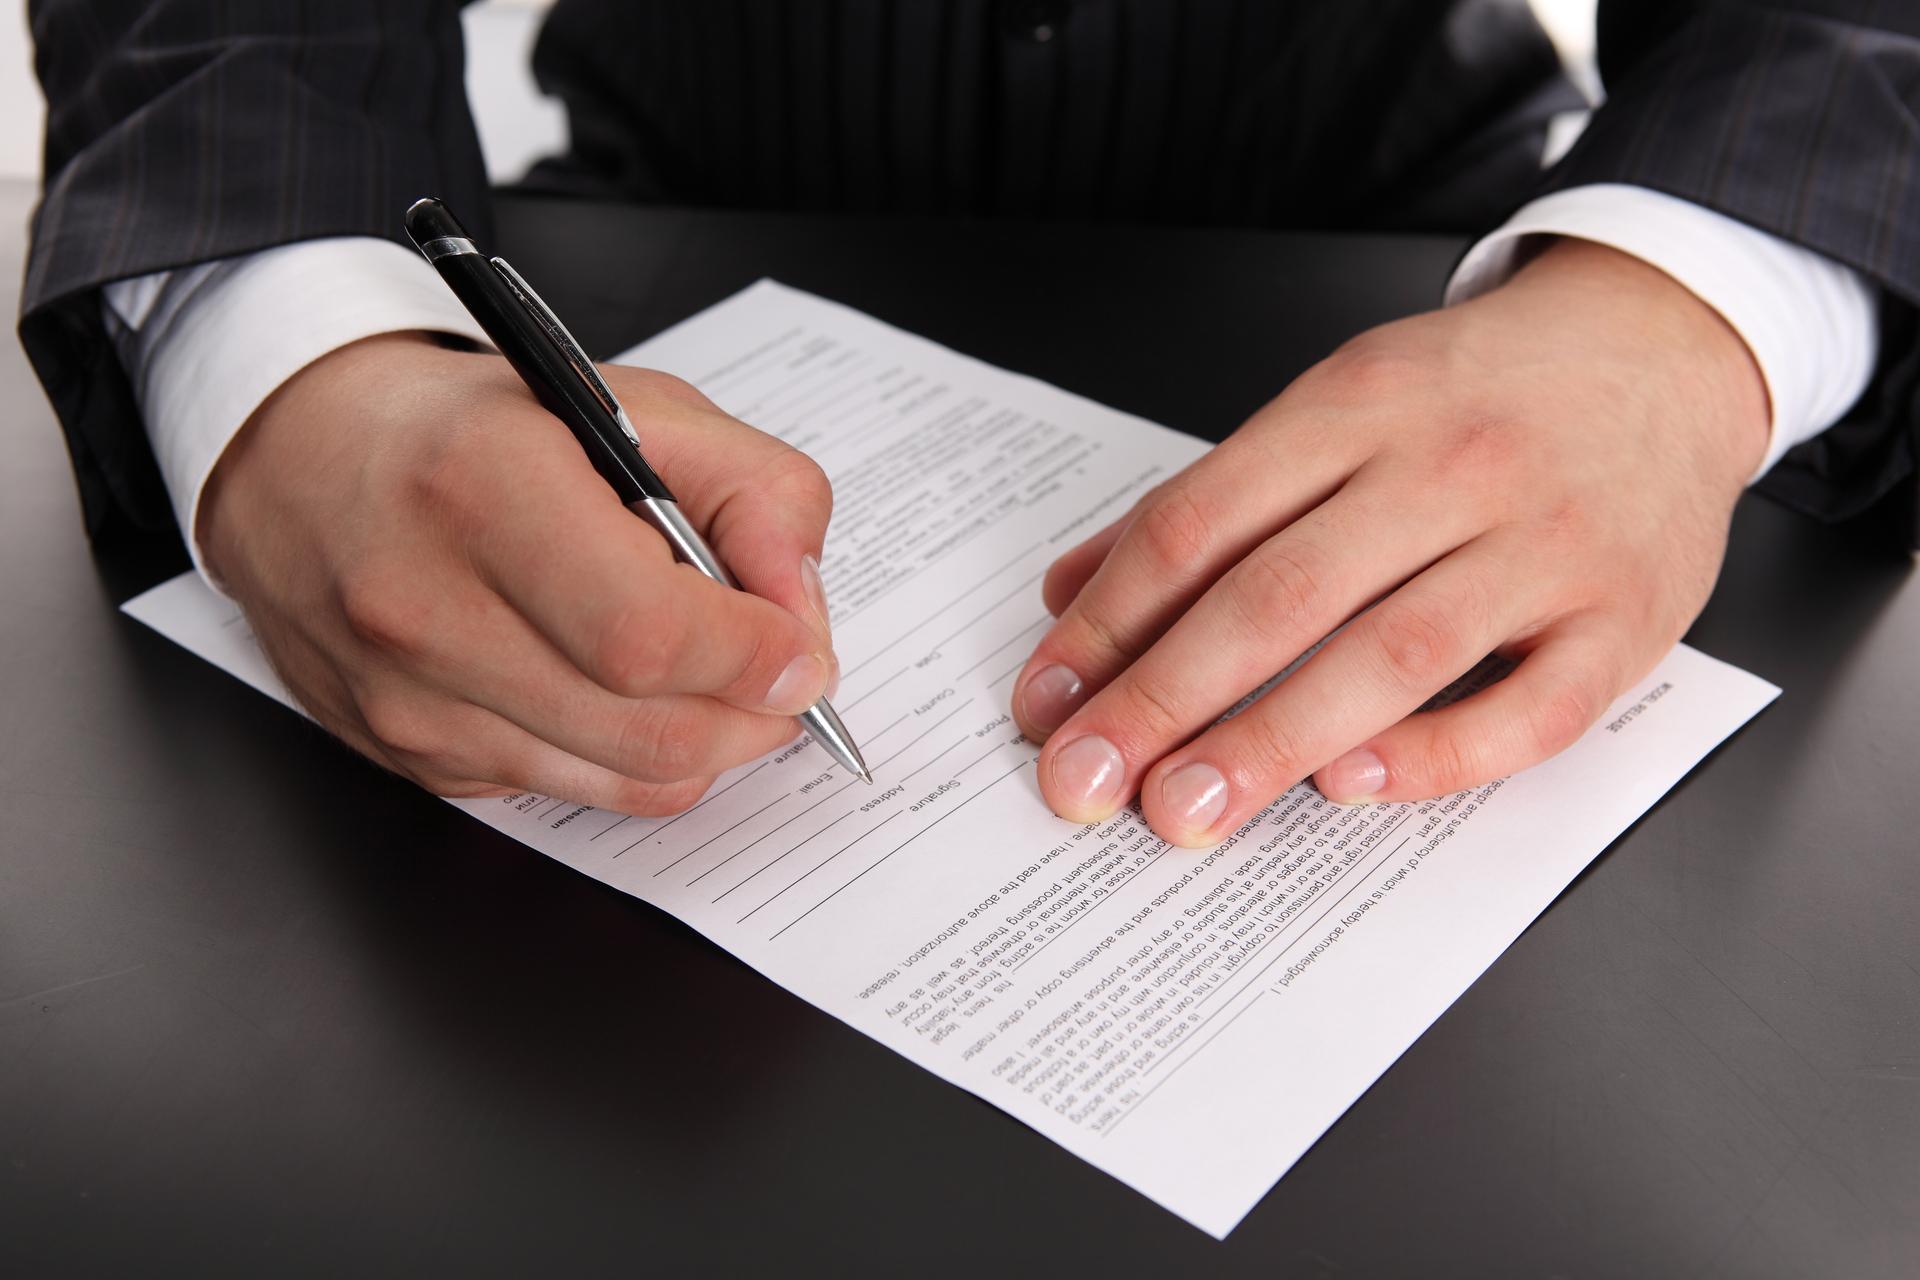 Сколько стоит заверить доверенность у нотариуса в пензе